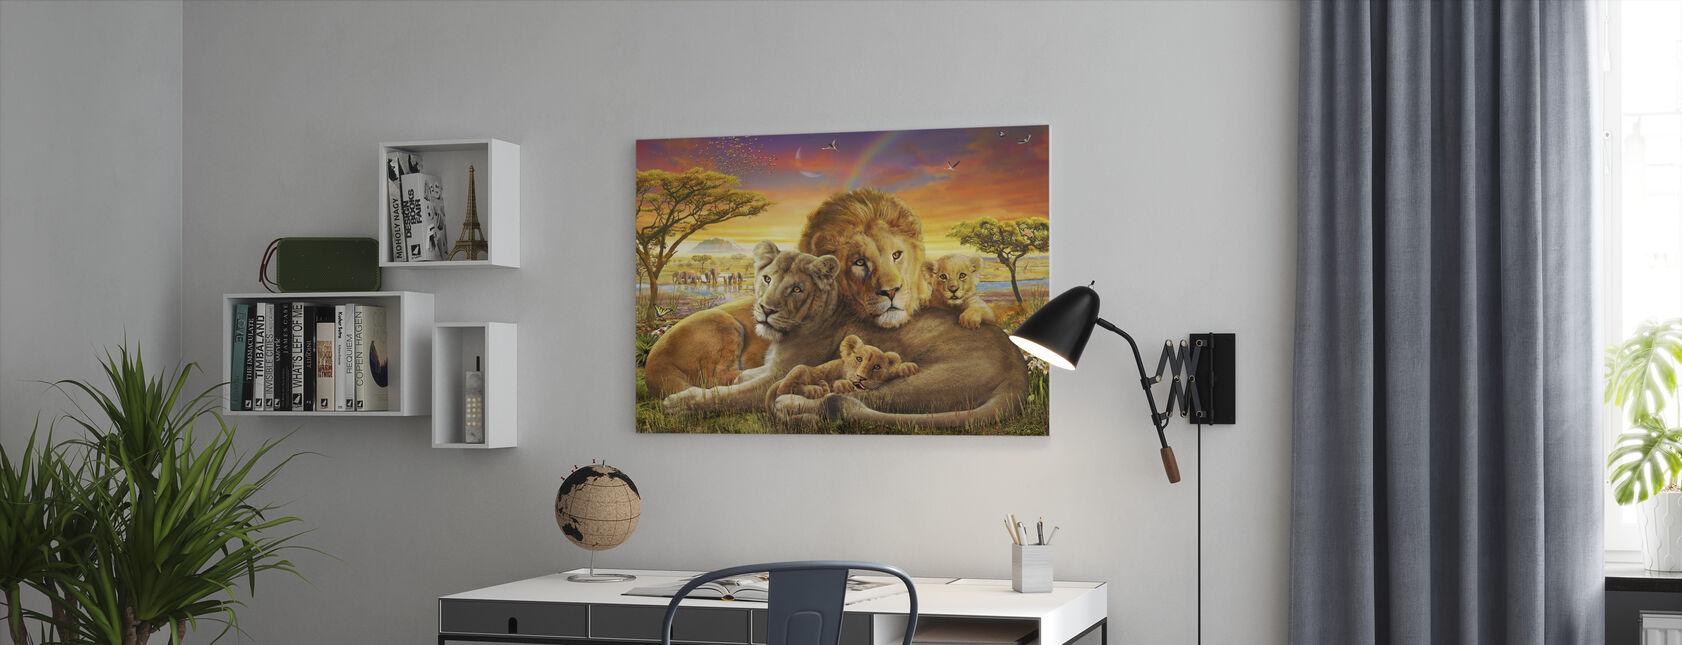 Kærlige Løver - Billede på lærred - Kontor